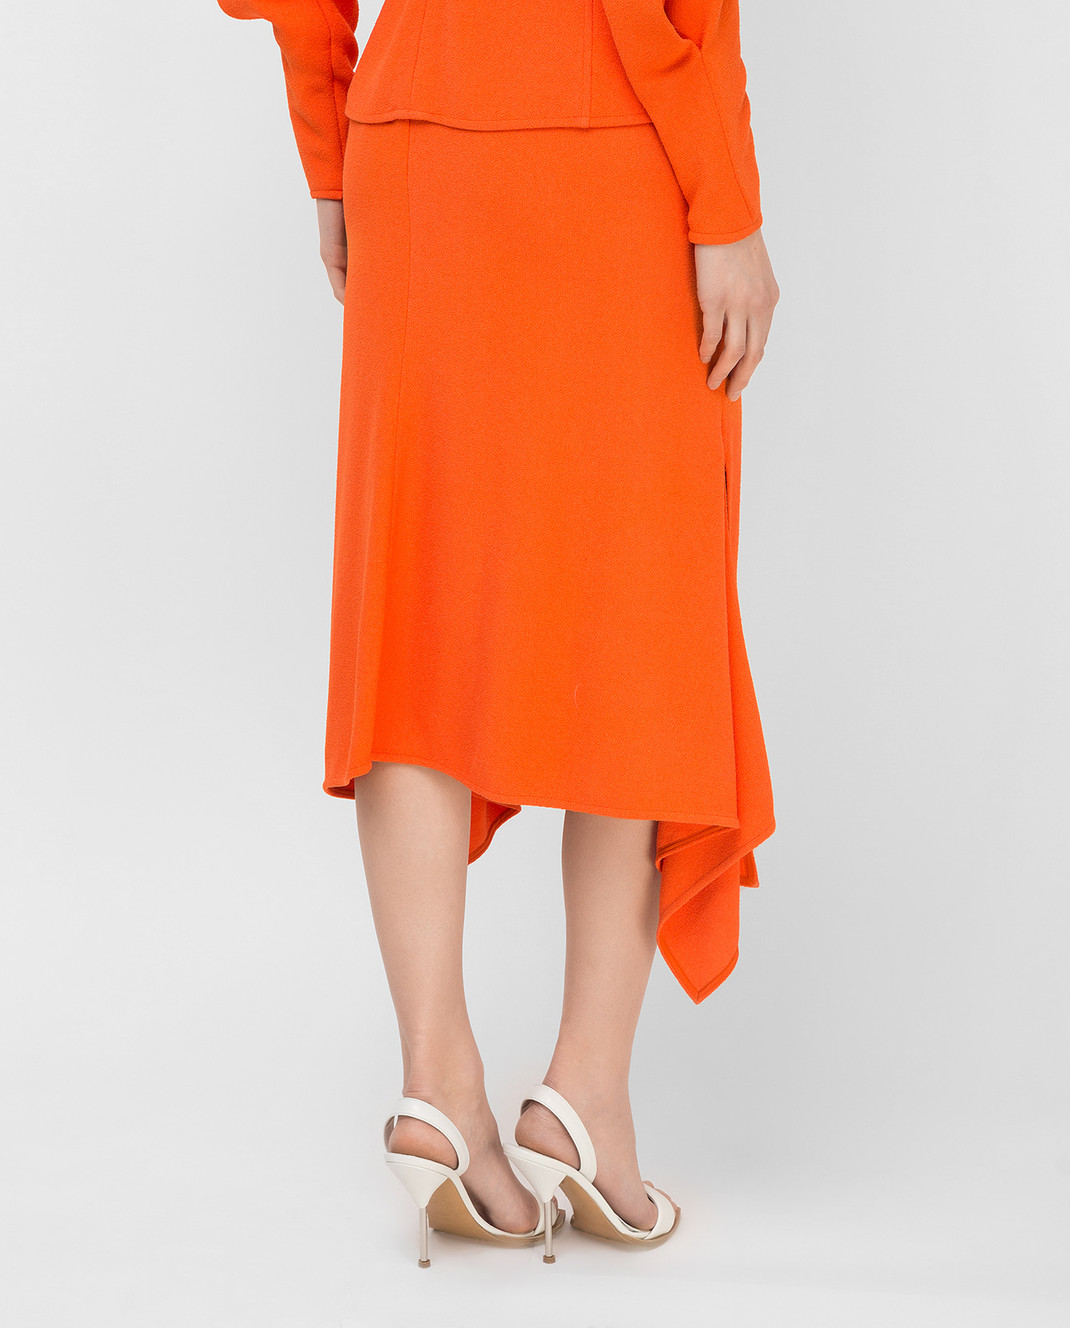 Victoria Beckham Оранжевая юбка SKMID3315 изображение 4